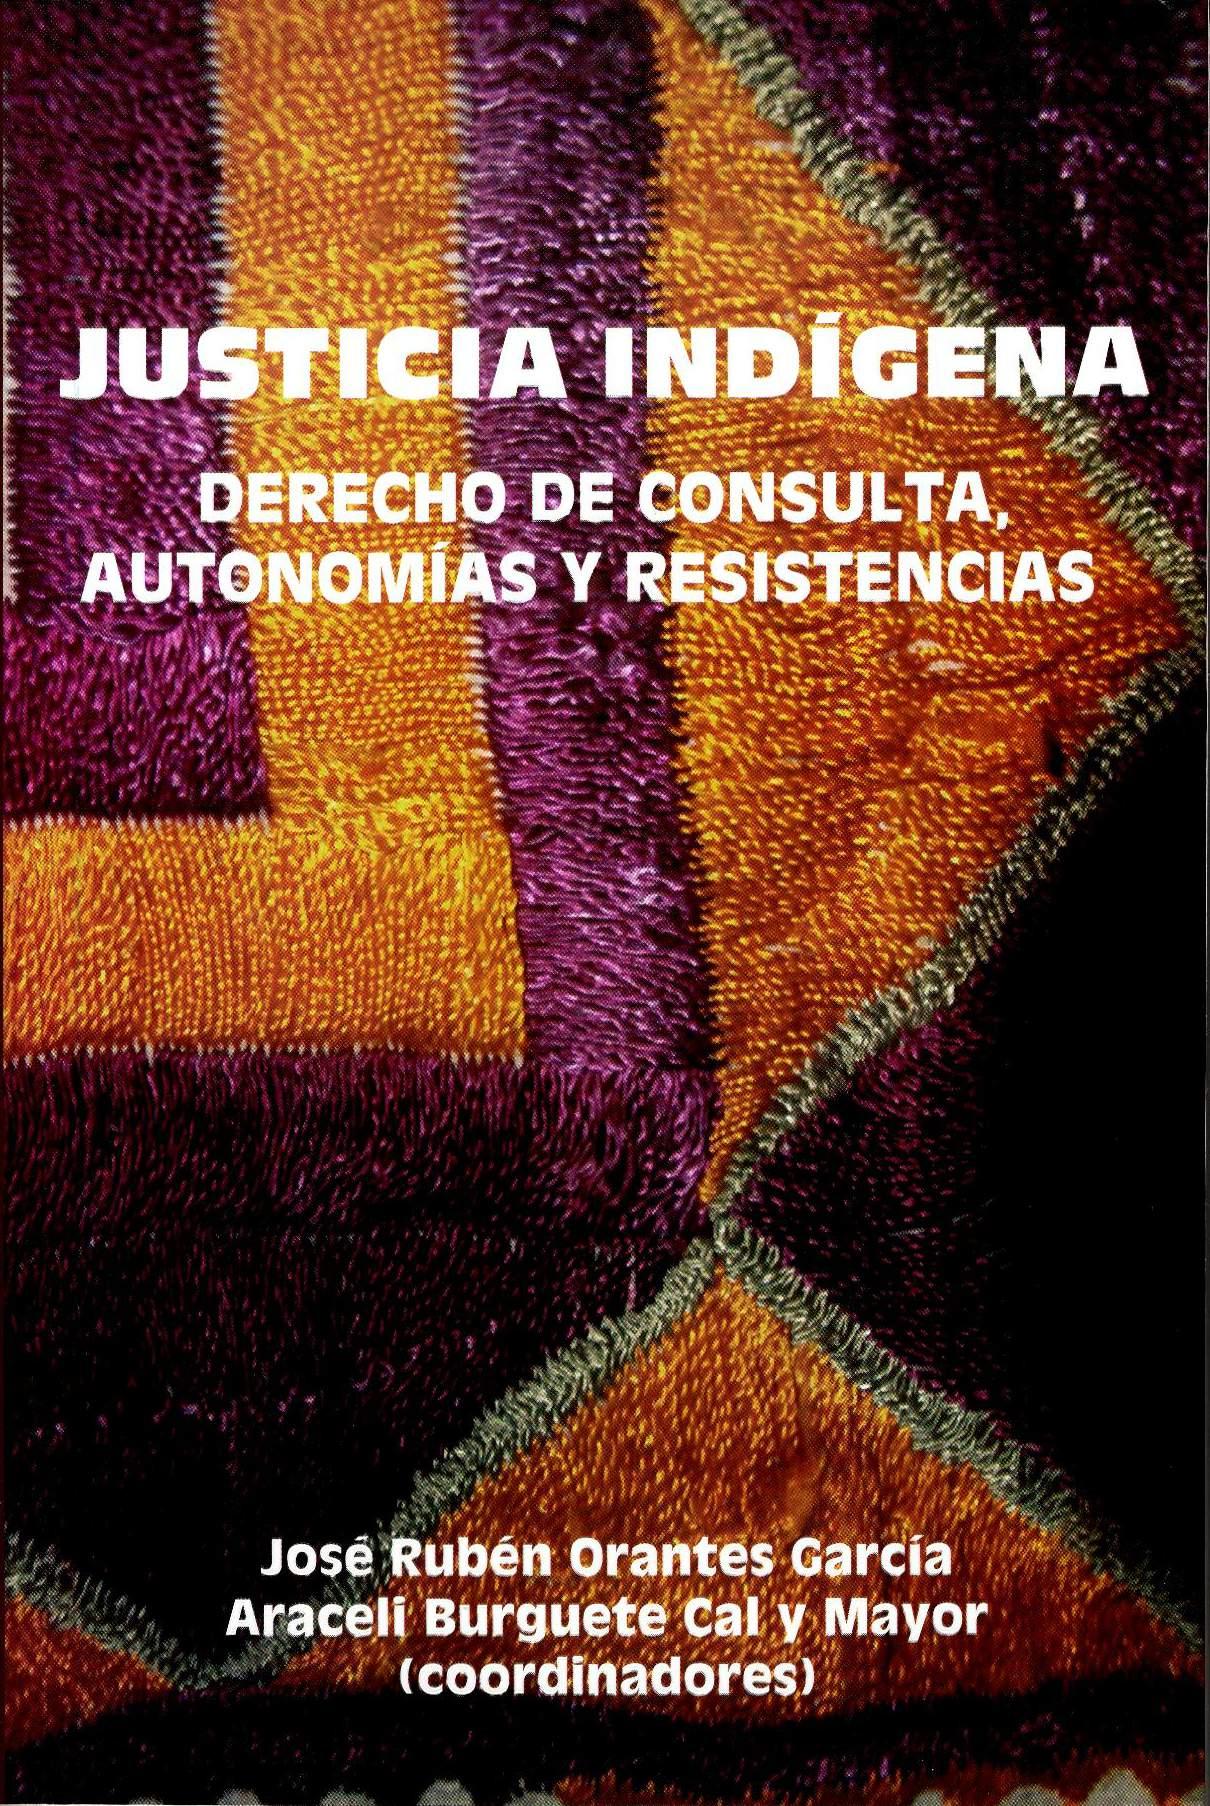 Justicia indígena, derecho de consulta, autonomías y resistencias